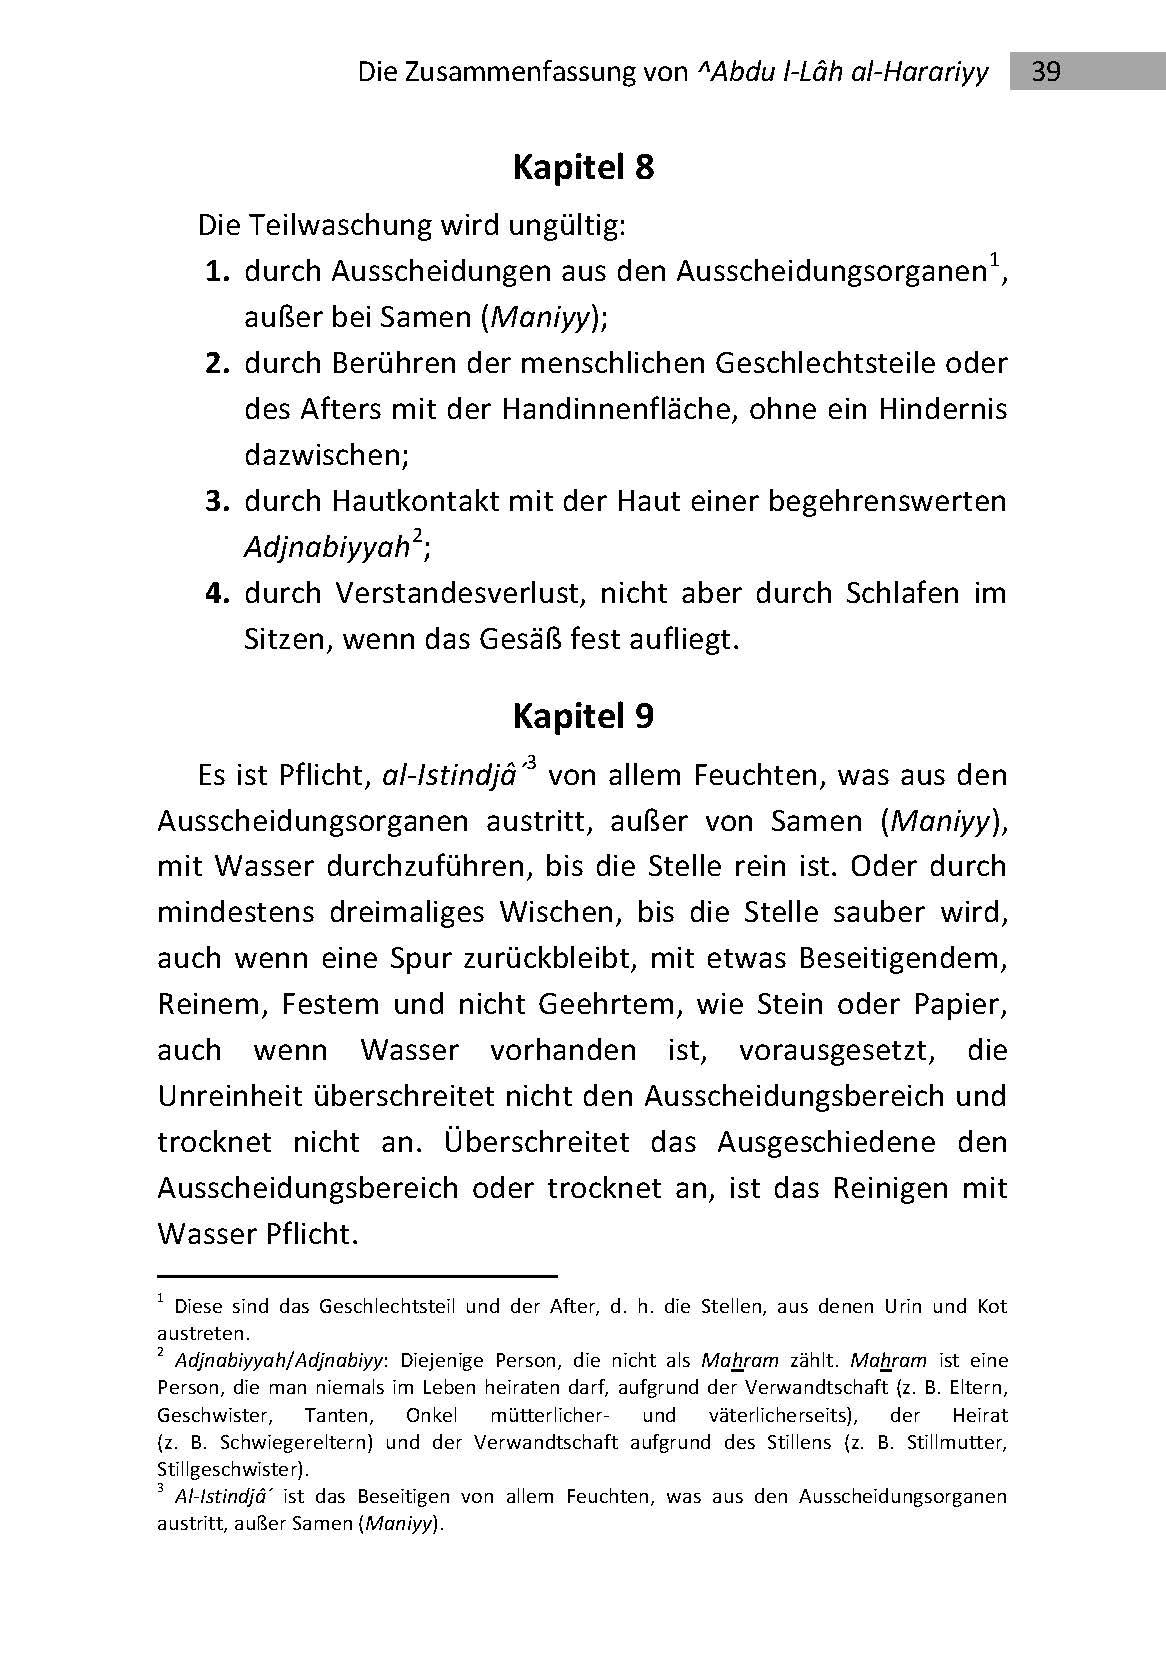 Die Zusammenfassung - 3. Auflage 2014_Seite_39